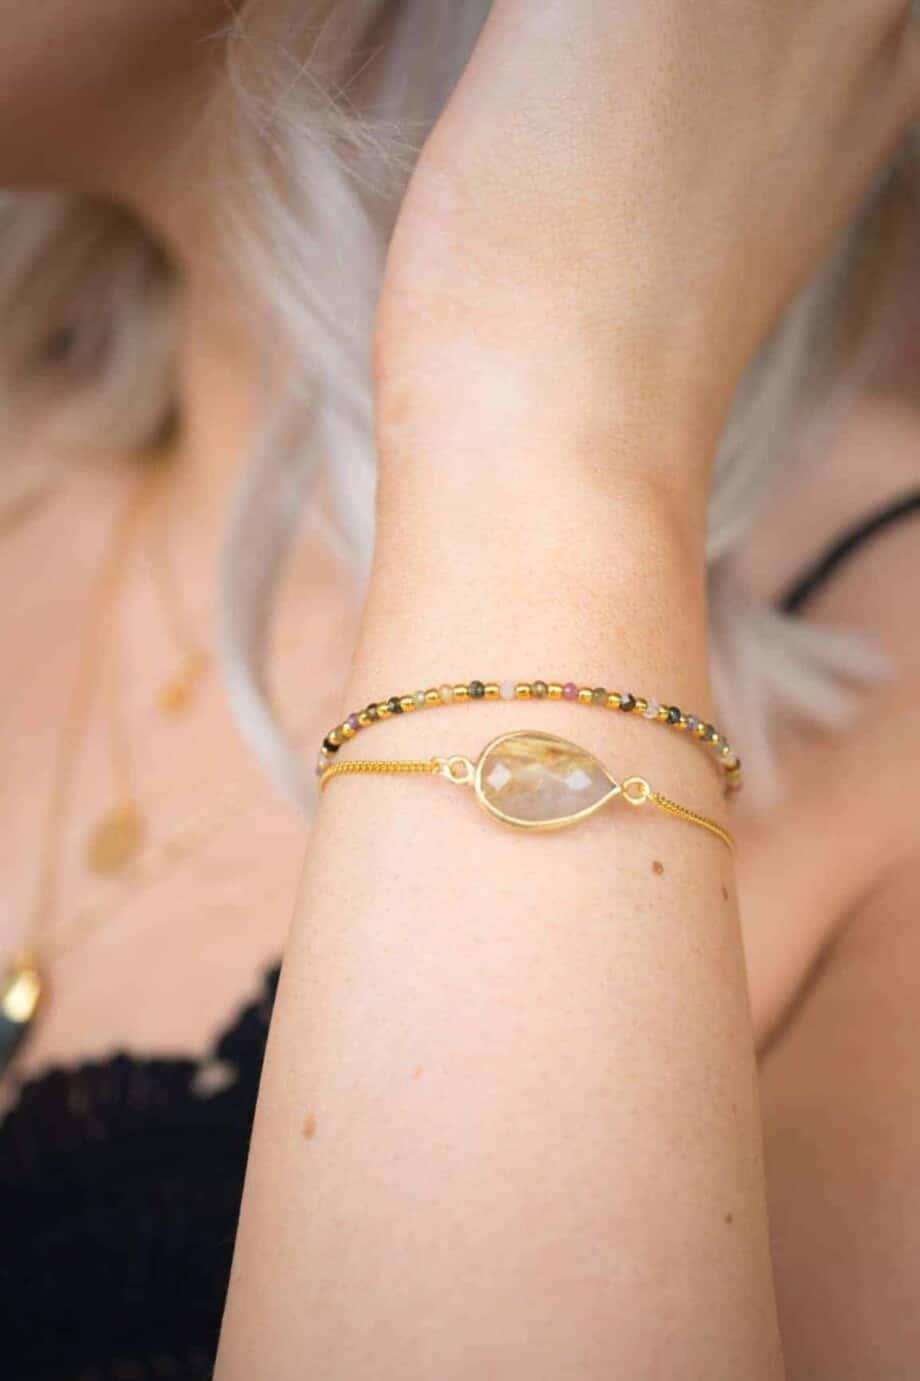 Handgemaakte Gouden armband met edelsteen Rutilated Quartz